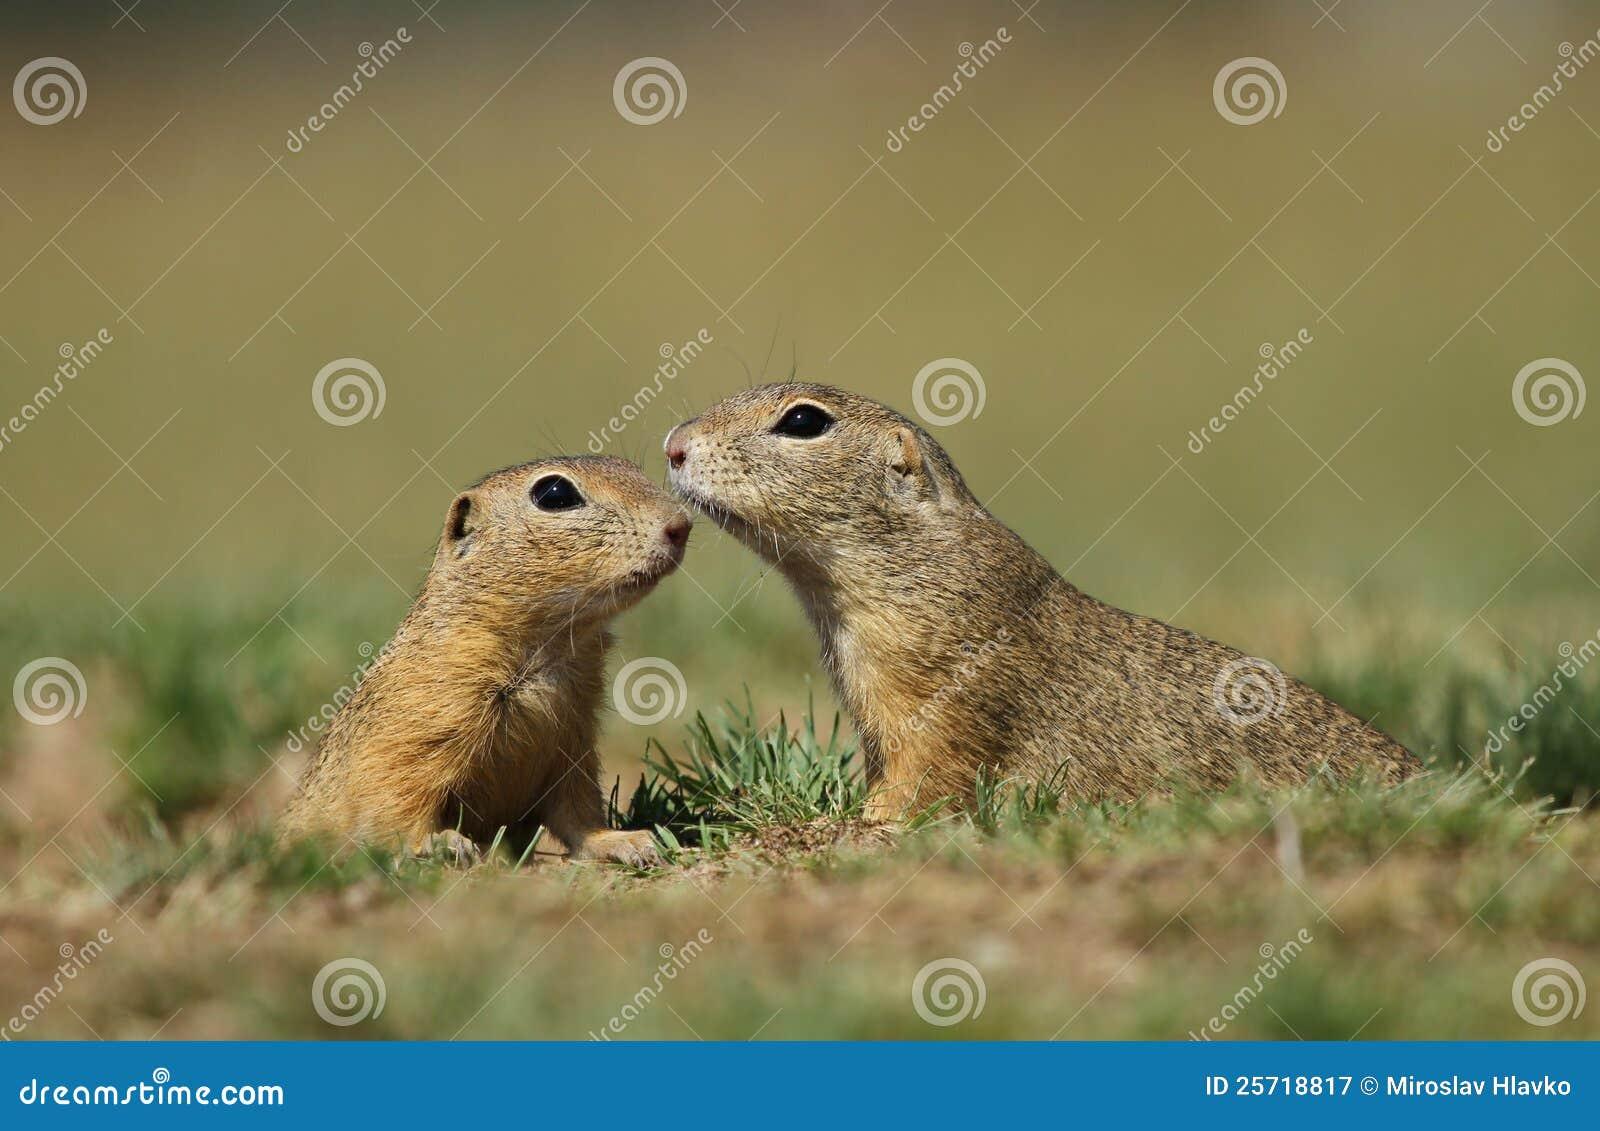 Cute squirrels in love - photo#18